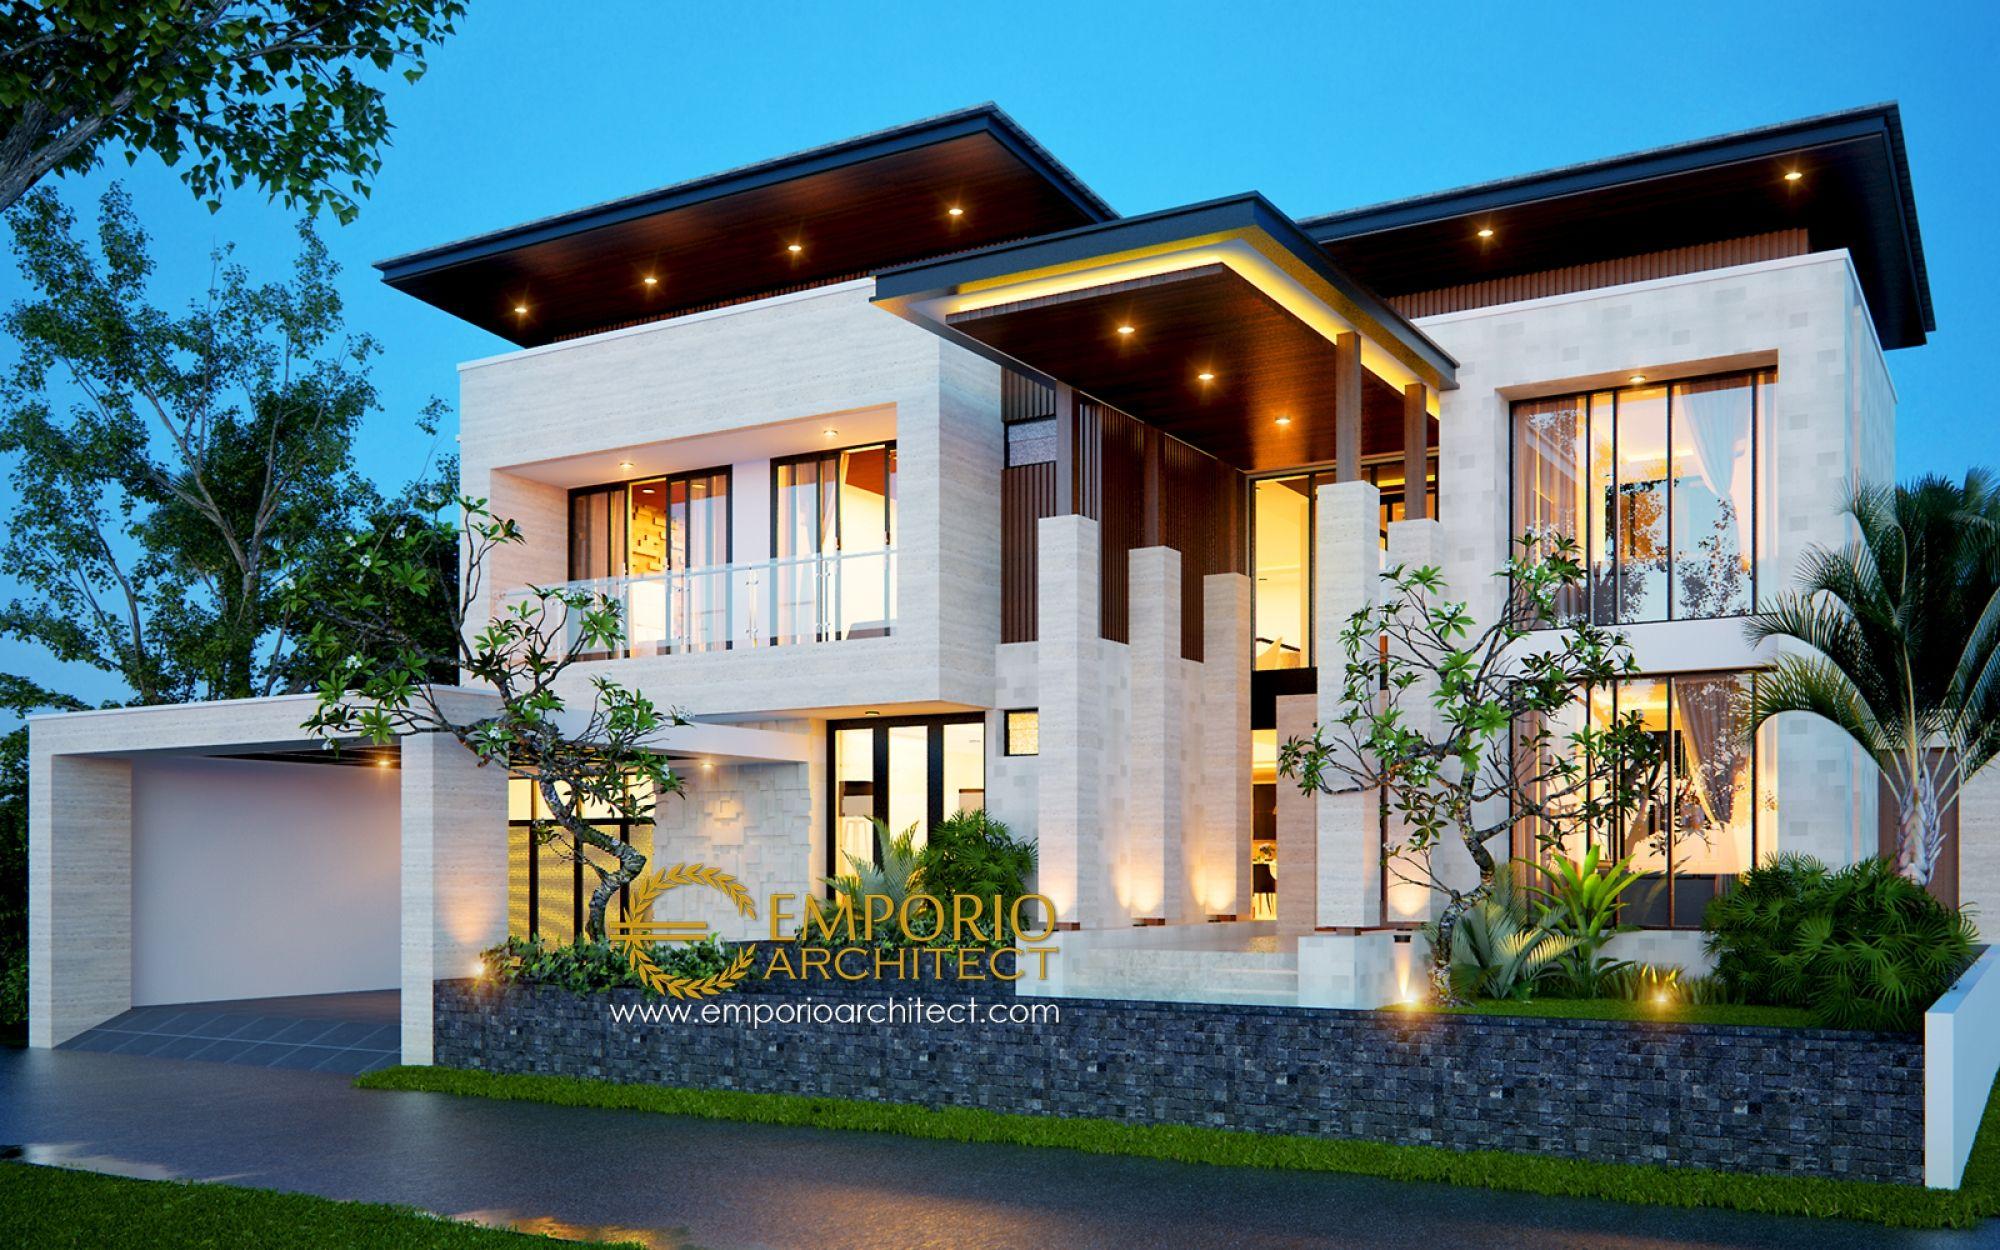 Jasa Arsitek Bsd Tangerang Banten Desain Rumah Ibu Friska